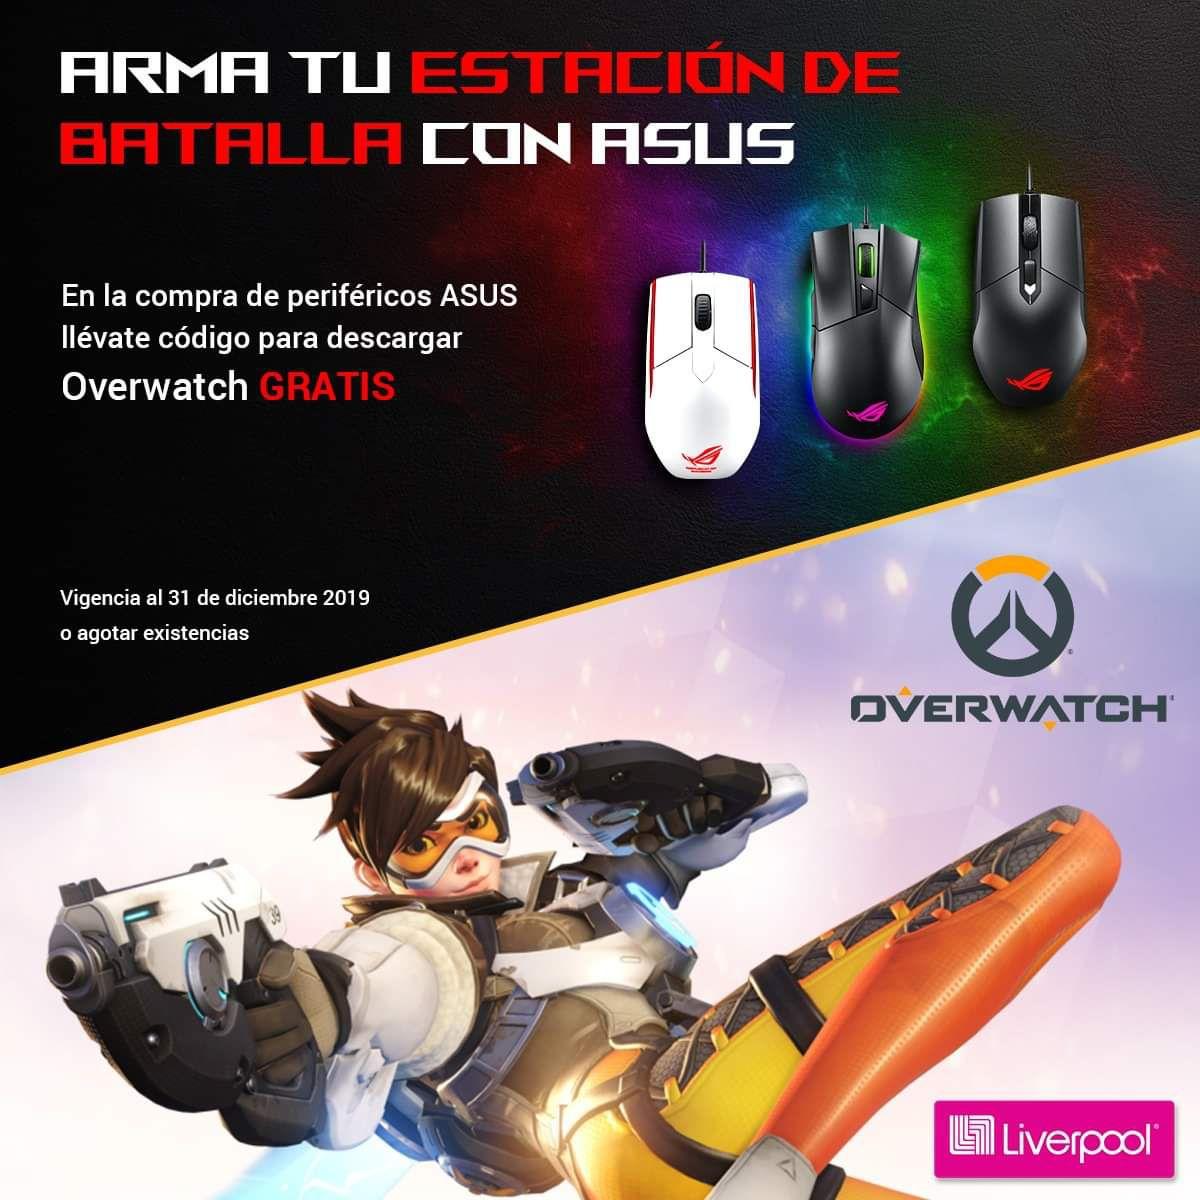 Liverpool: Overwatch GRATIS en la compra de producto ASUS